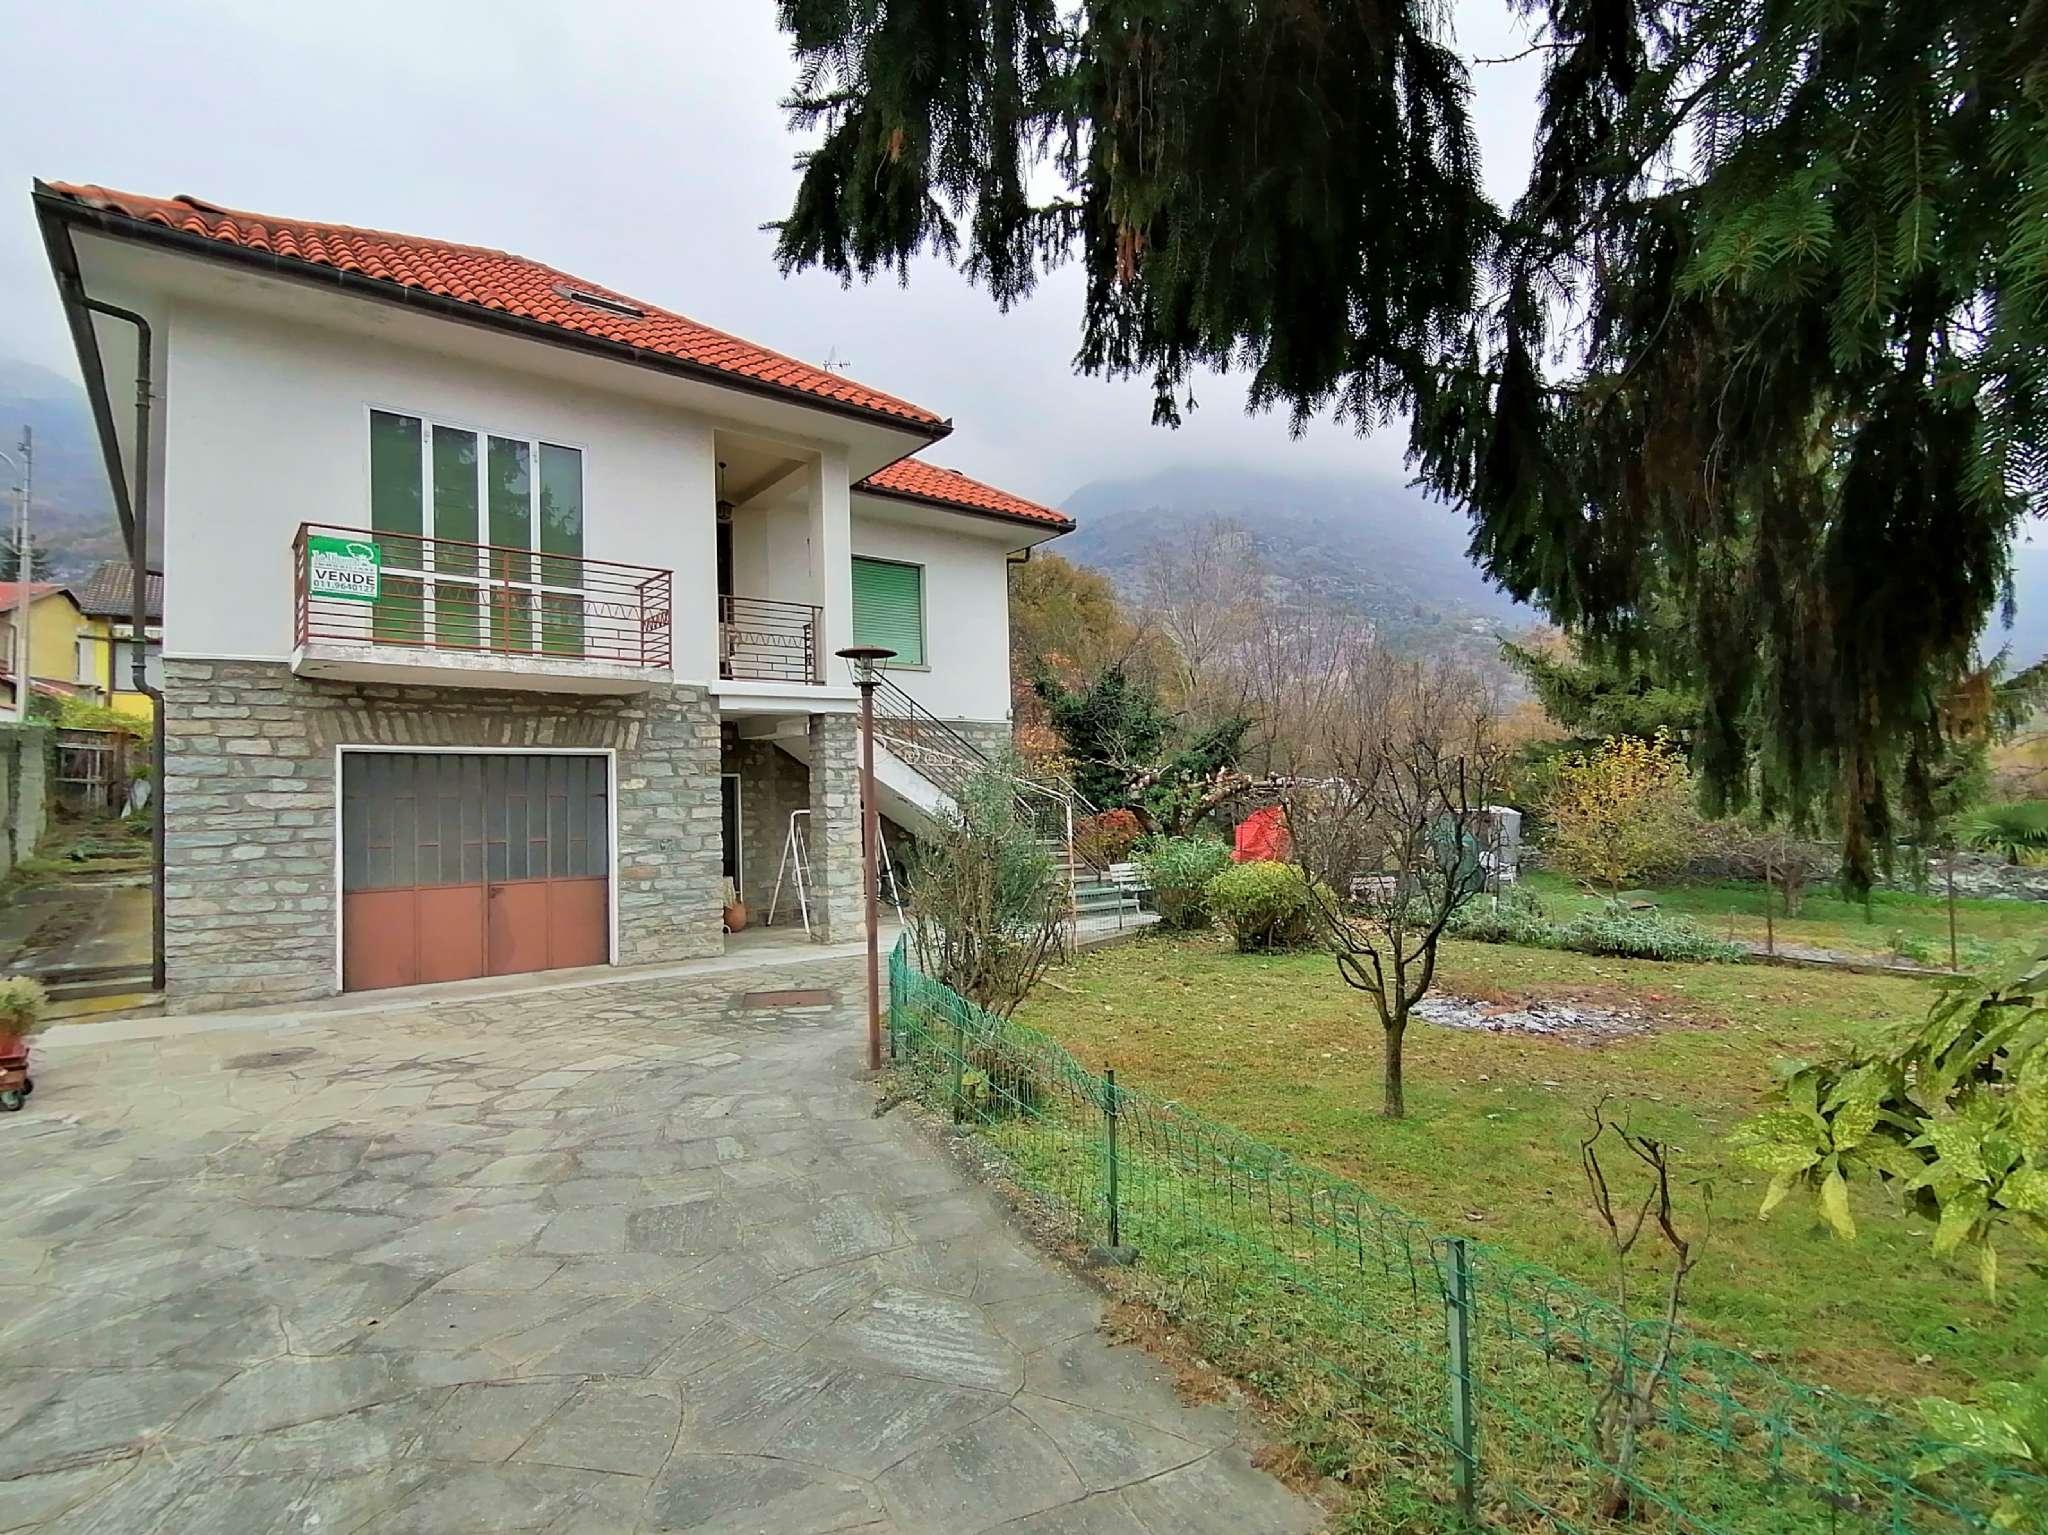 Villa in vendita a Bussoleno, 5 locali, prezzo € 170.000 | PortaleAgenzieImmobiliari.it